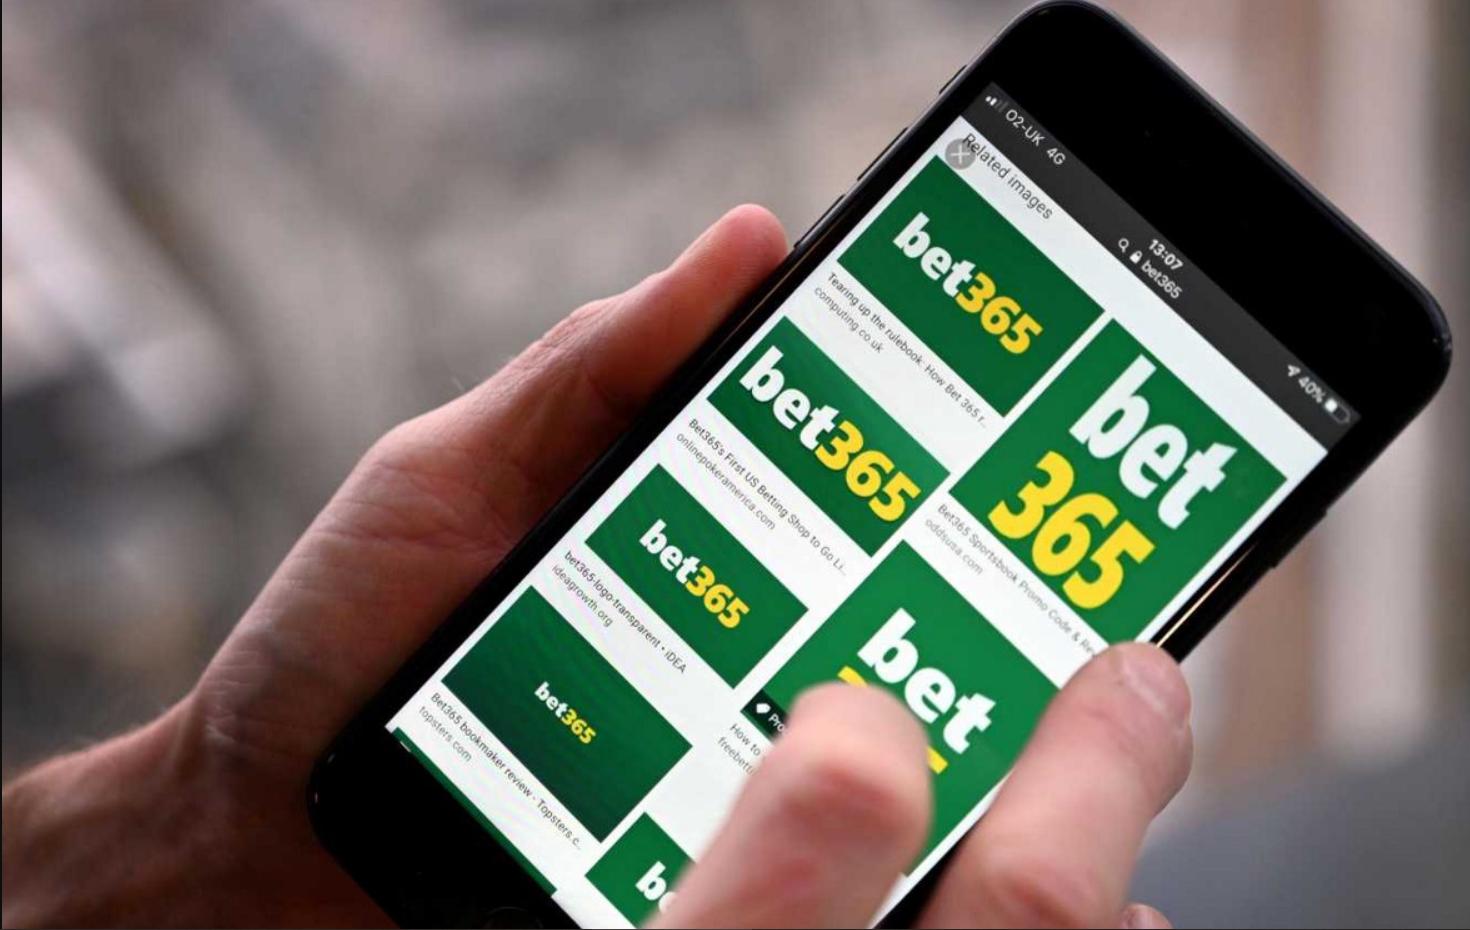 Télécharger Bet365 mobile app - conclusion